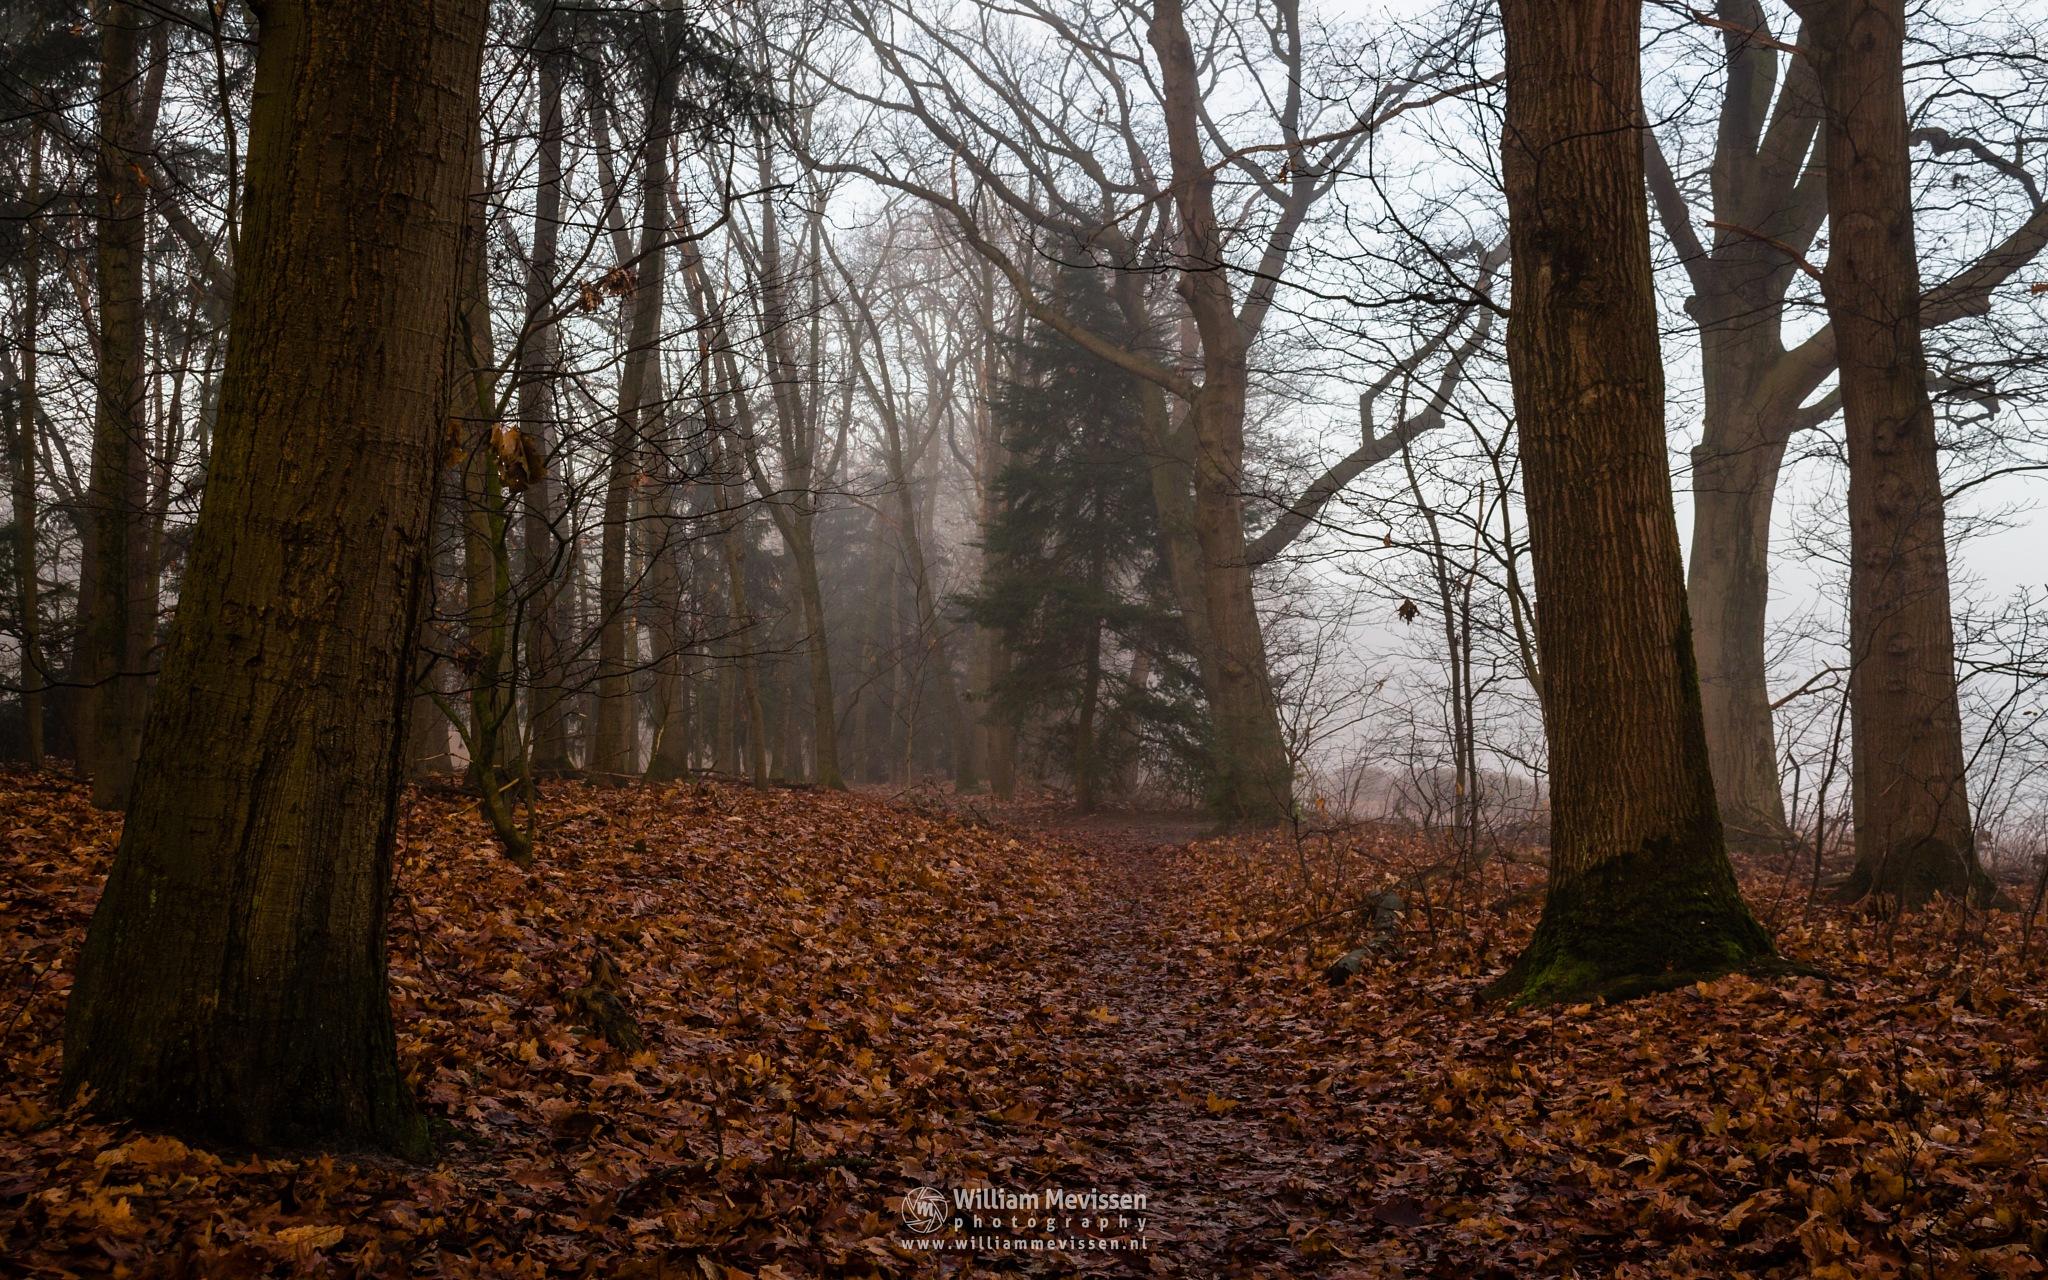 Misty Autumn Path by William Mevissen